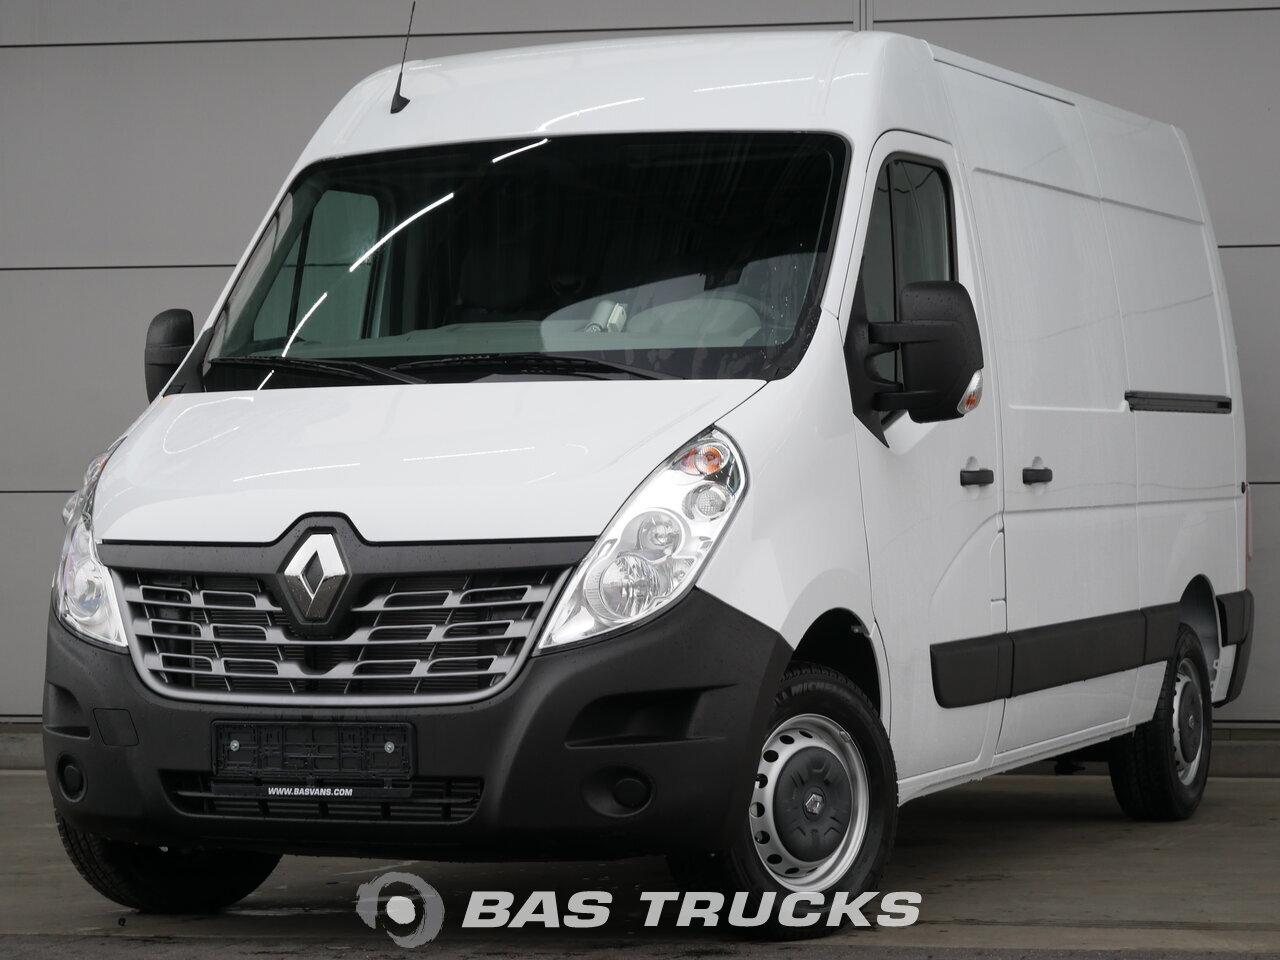 renault master lcv euro 6 21900 bas trucks. Black Bedroom Furniture Sets. Home Design Ideas